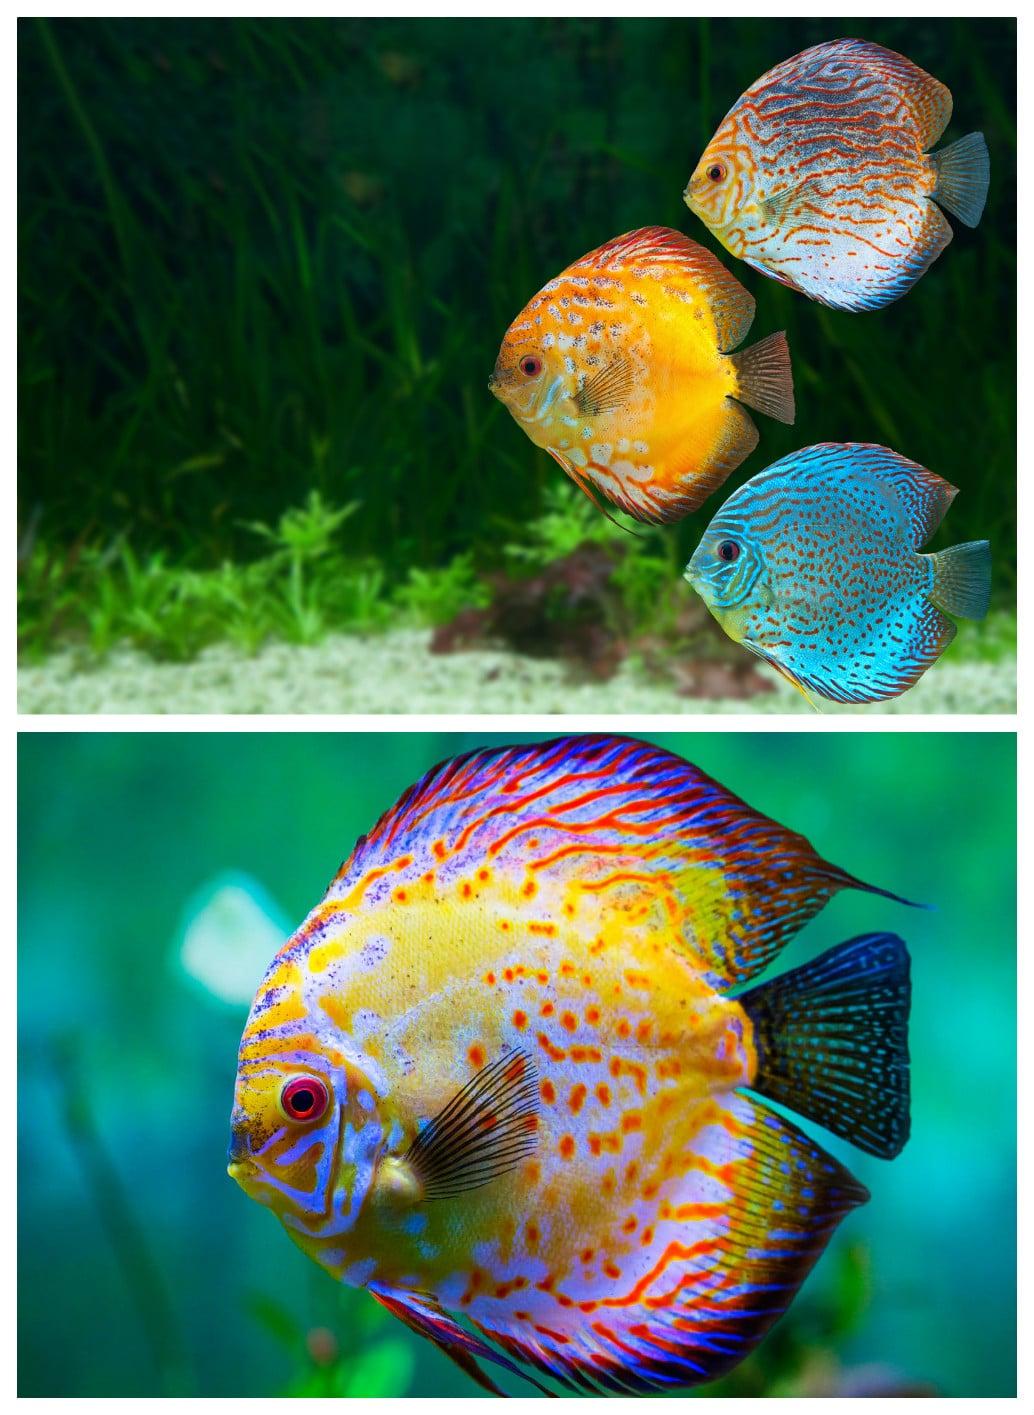 Peces de acuario todoacuarios for Comida congelada para peces